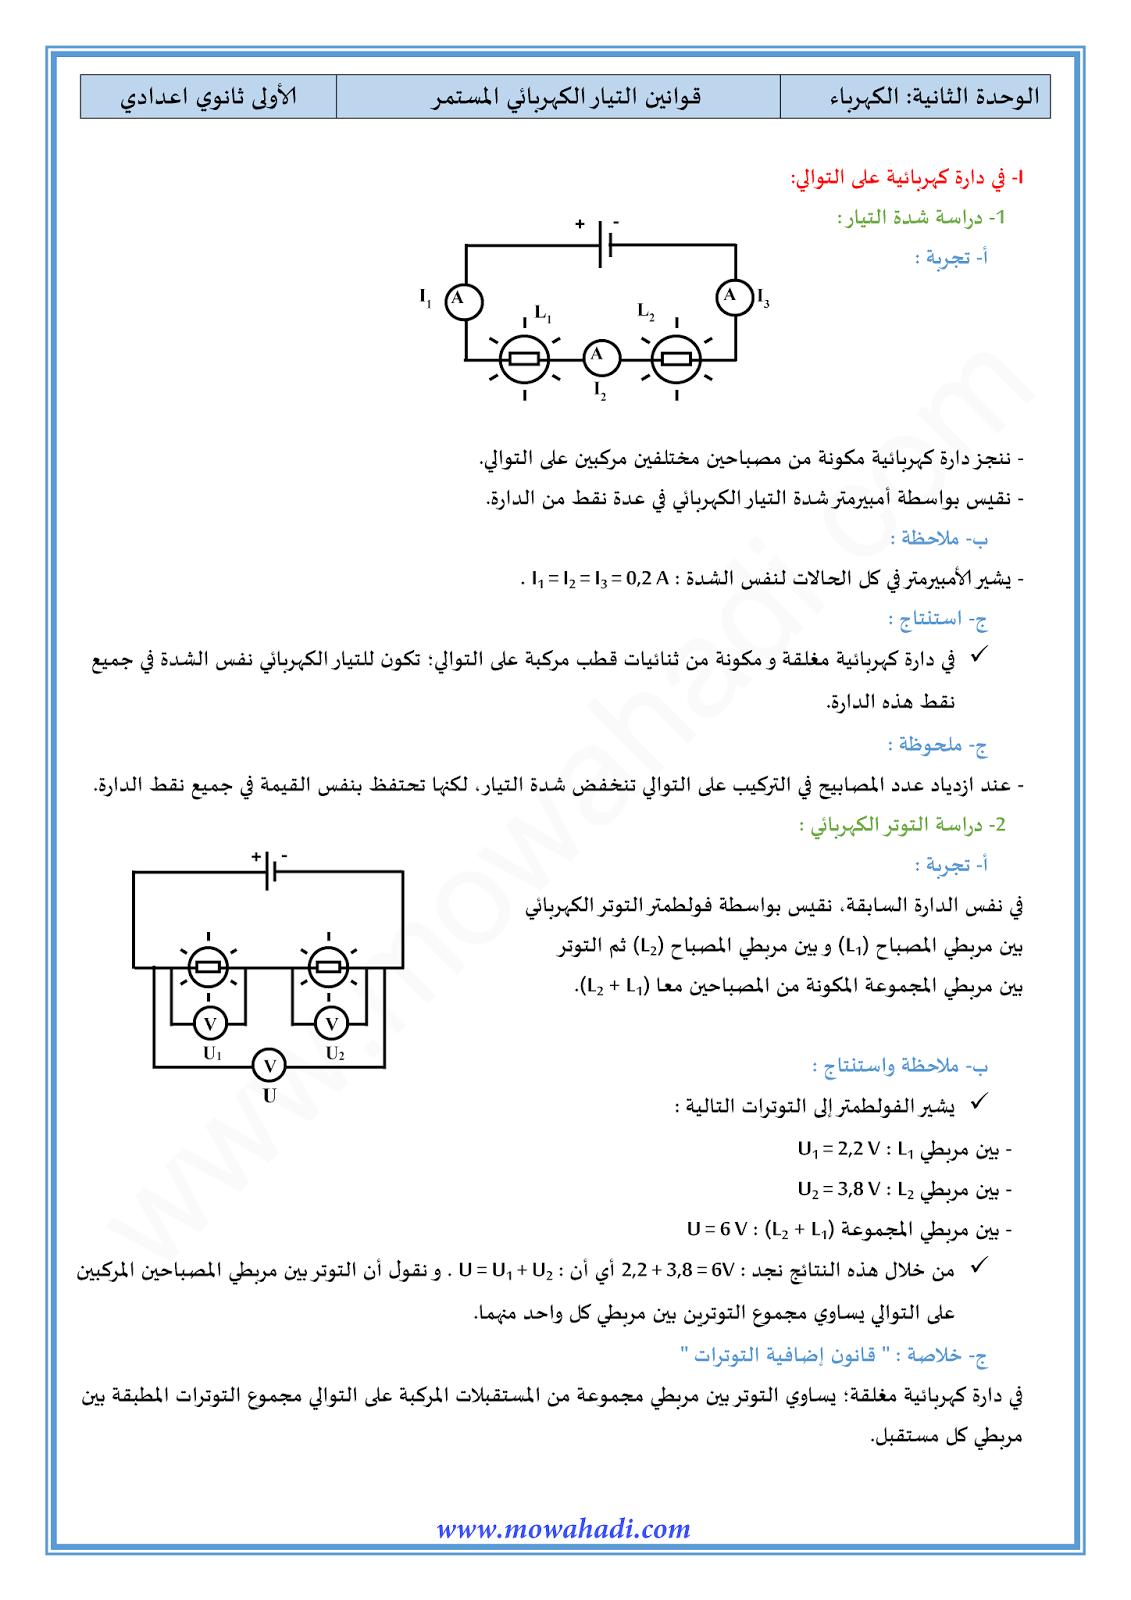 قوانين التيار الكهربائي المستمر